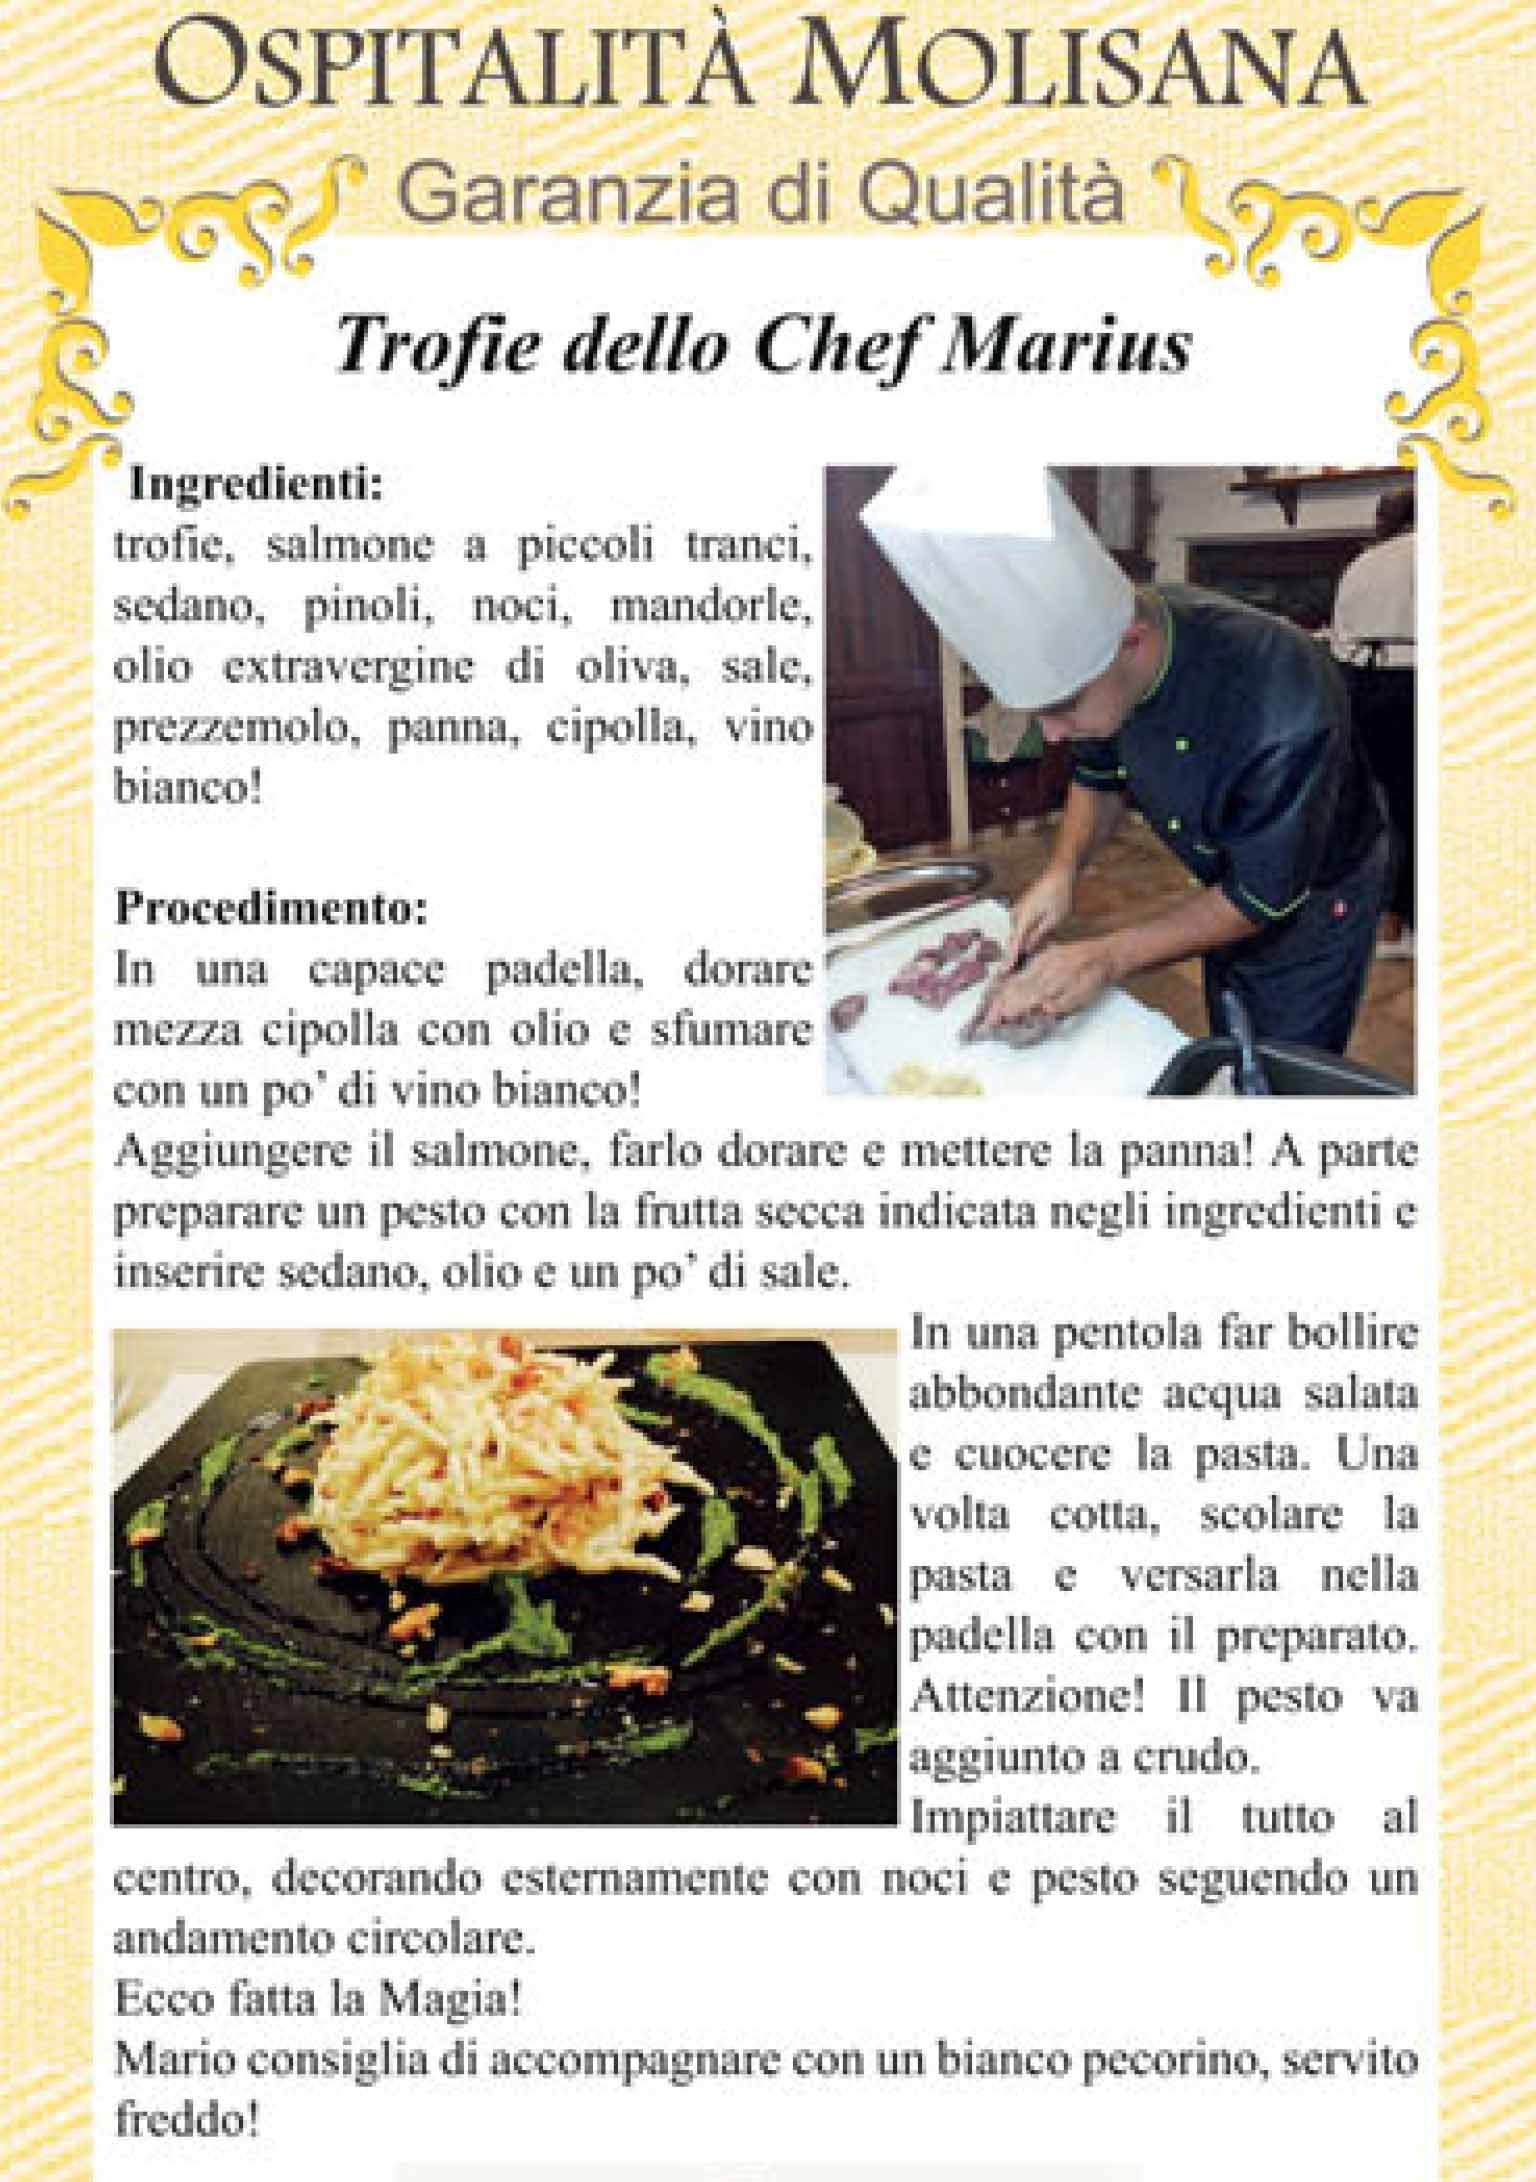 OSPITALITA' MOLISANA – Trofie dello Chef Marius